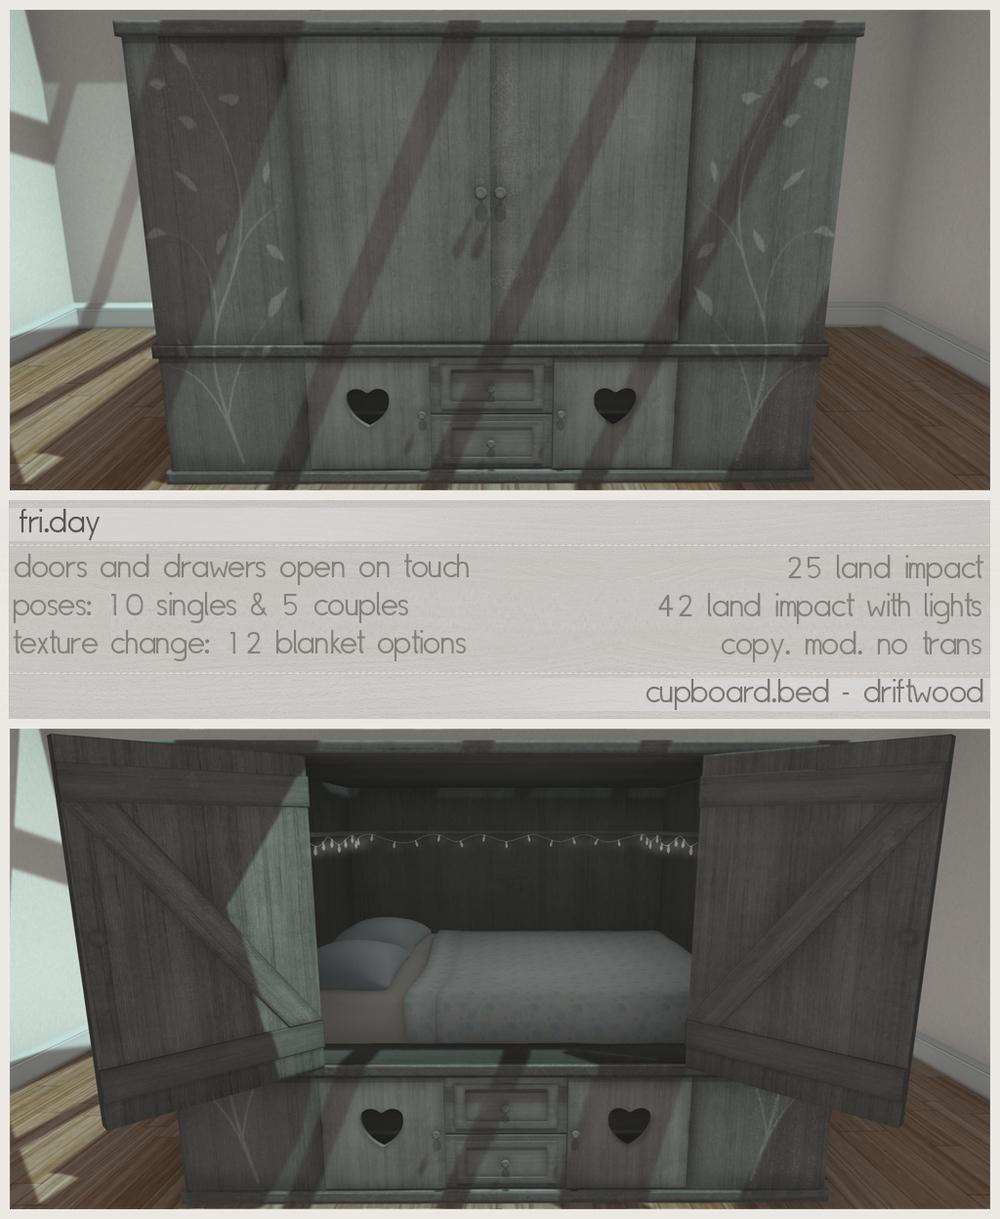 fri - Cupboard Bed (Driftwood) Ad.jpg